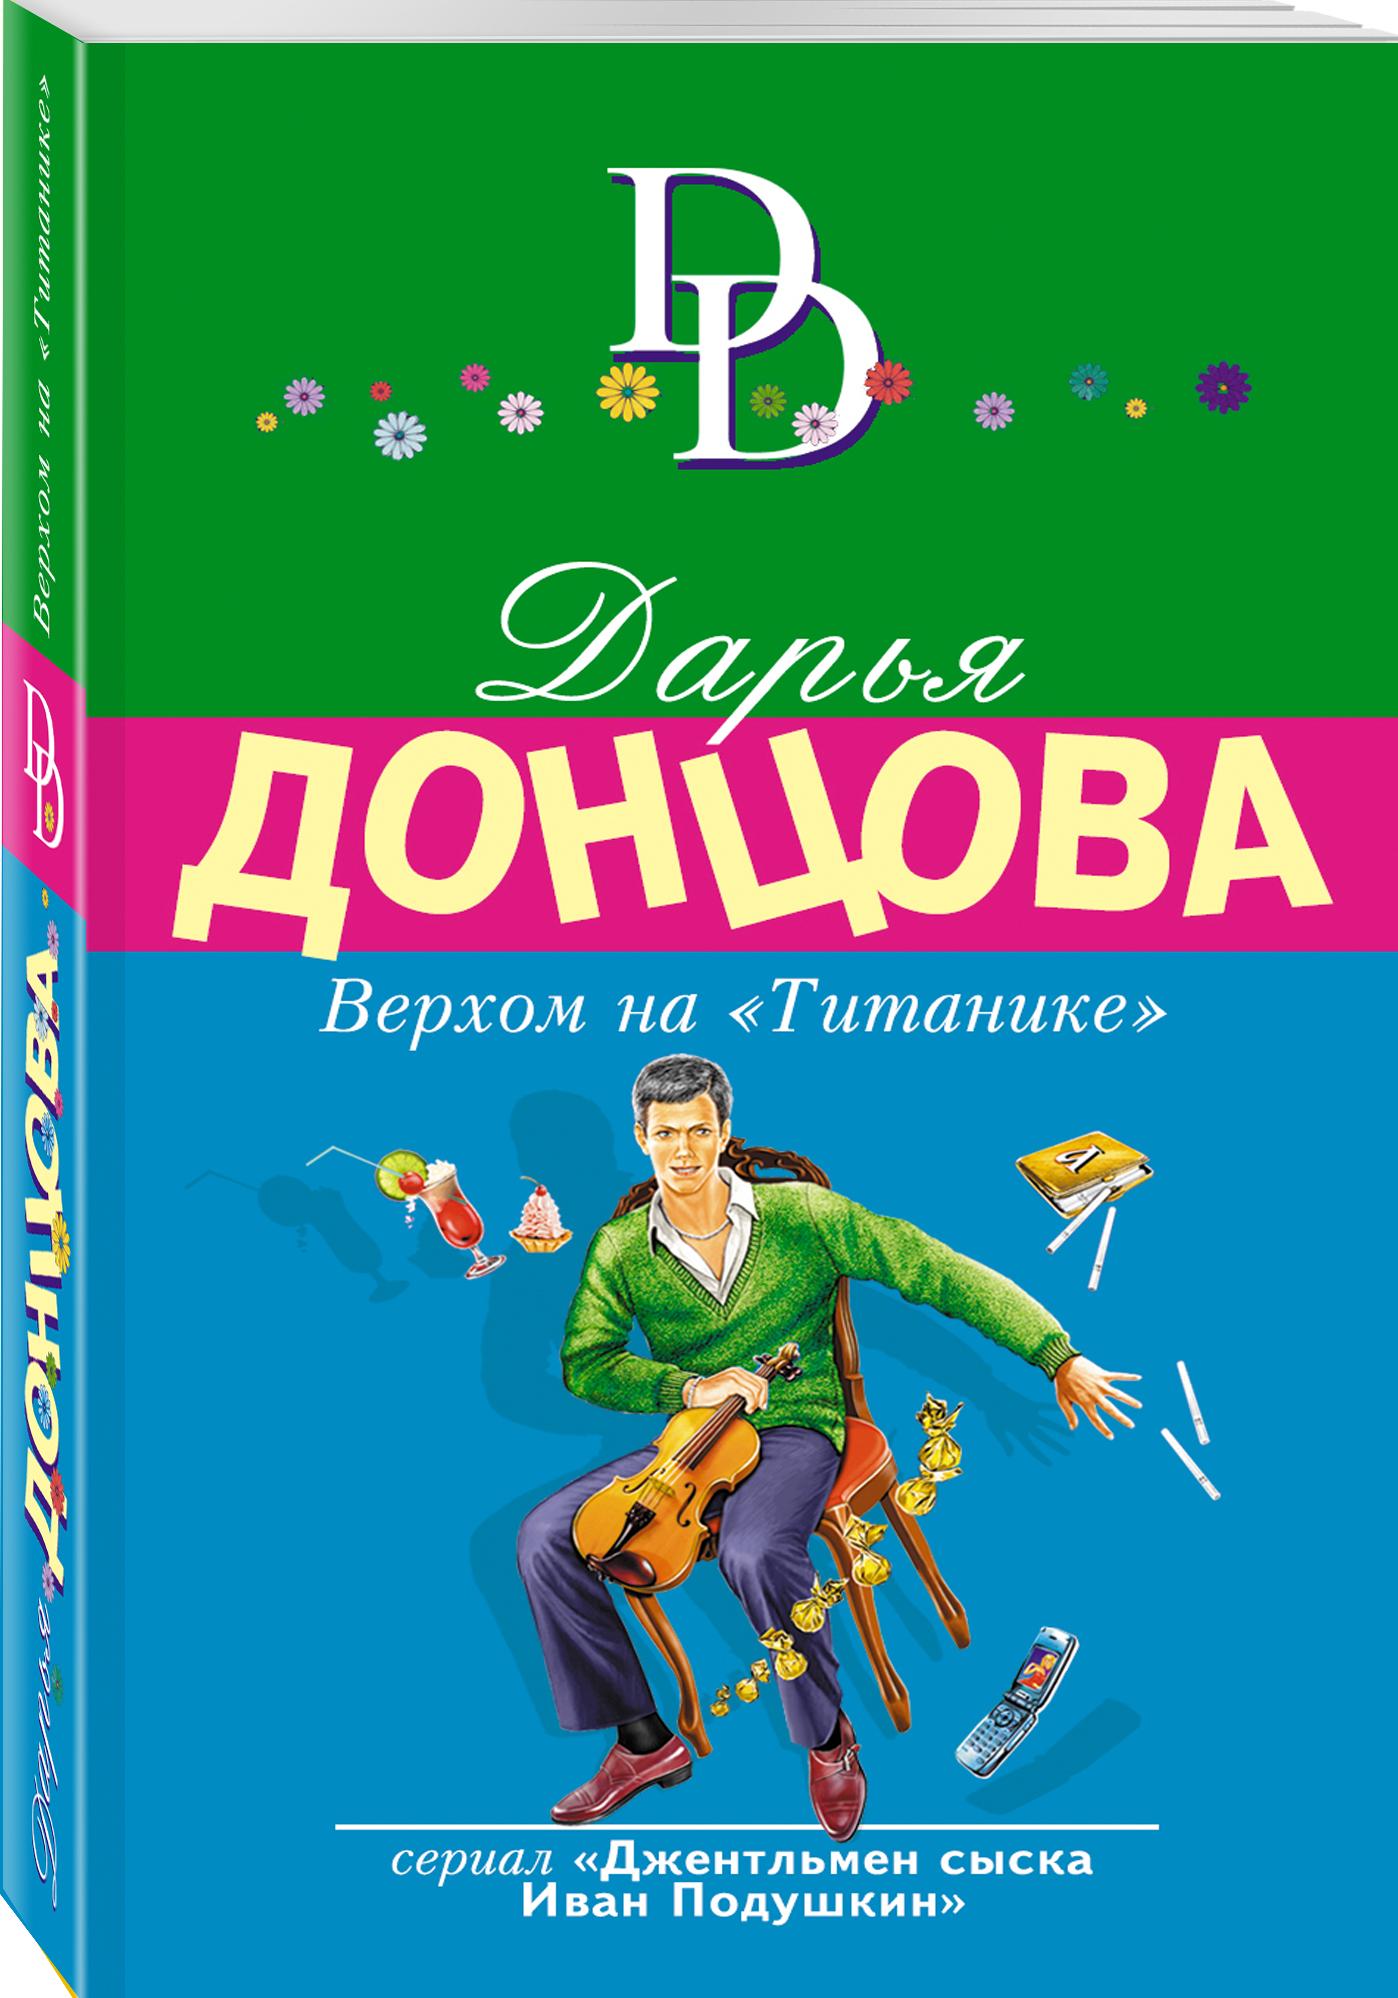 Донцова Д.А. Верхом на Титанике